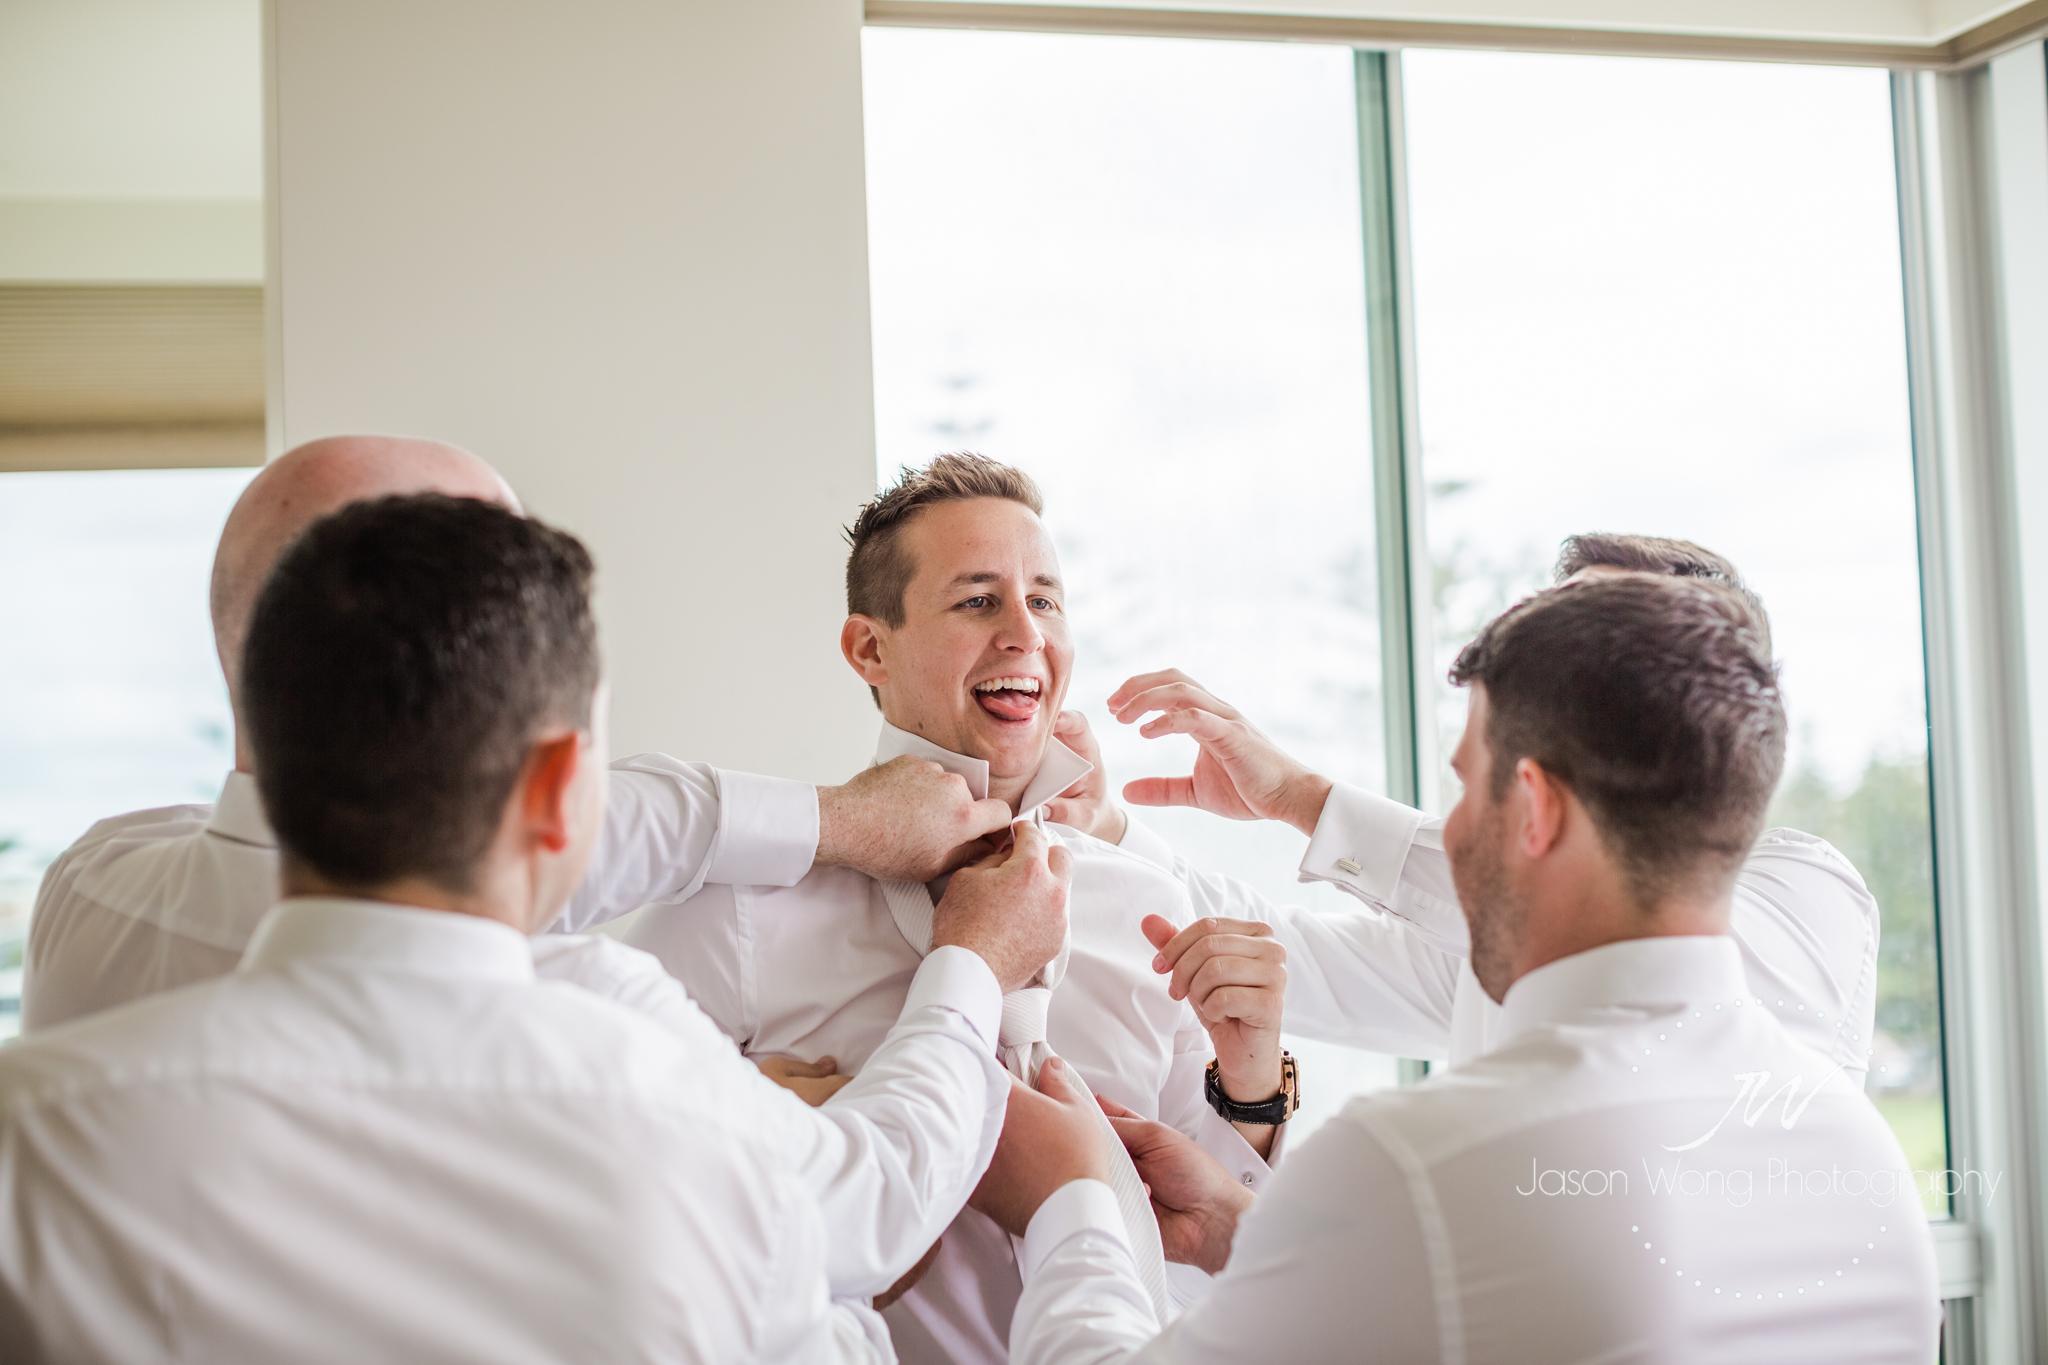 groom-and-groomsmen-having-fun-at-getting-ready.jpg